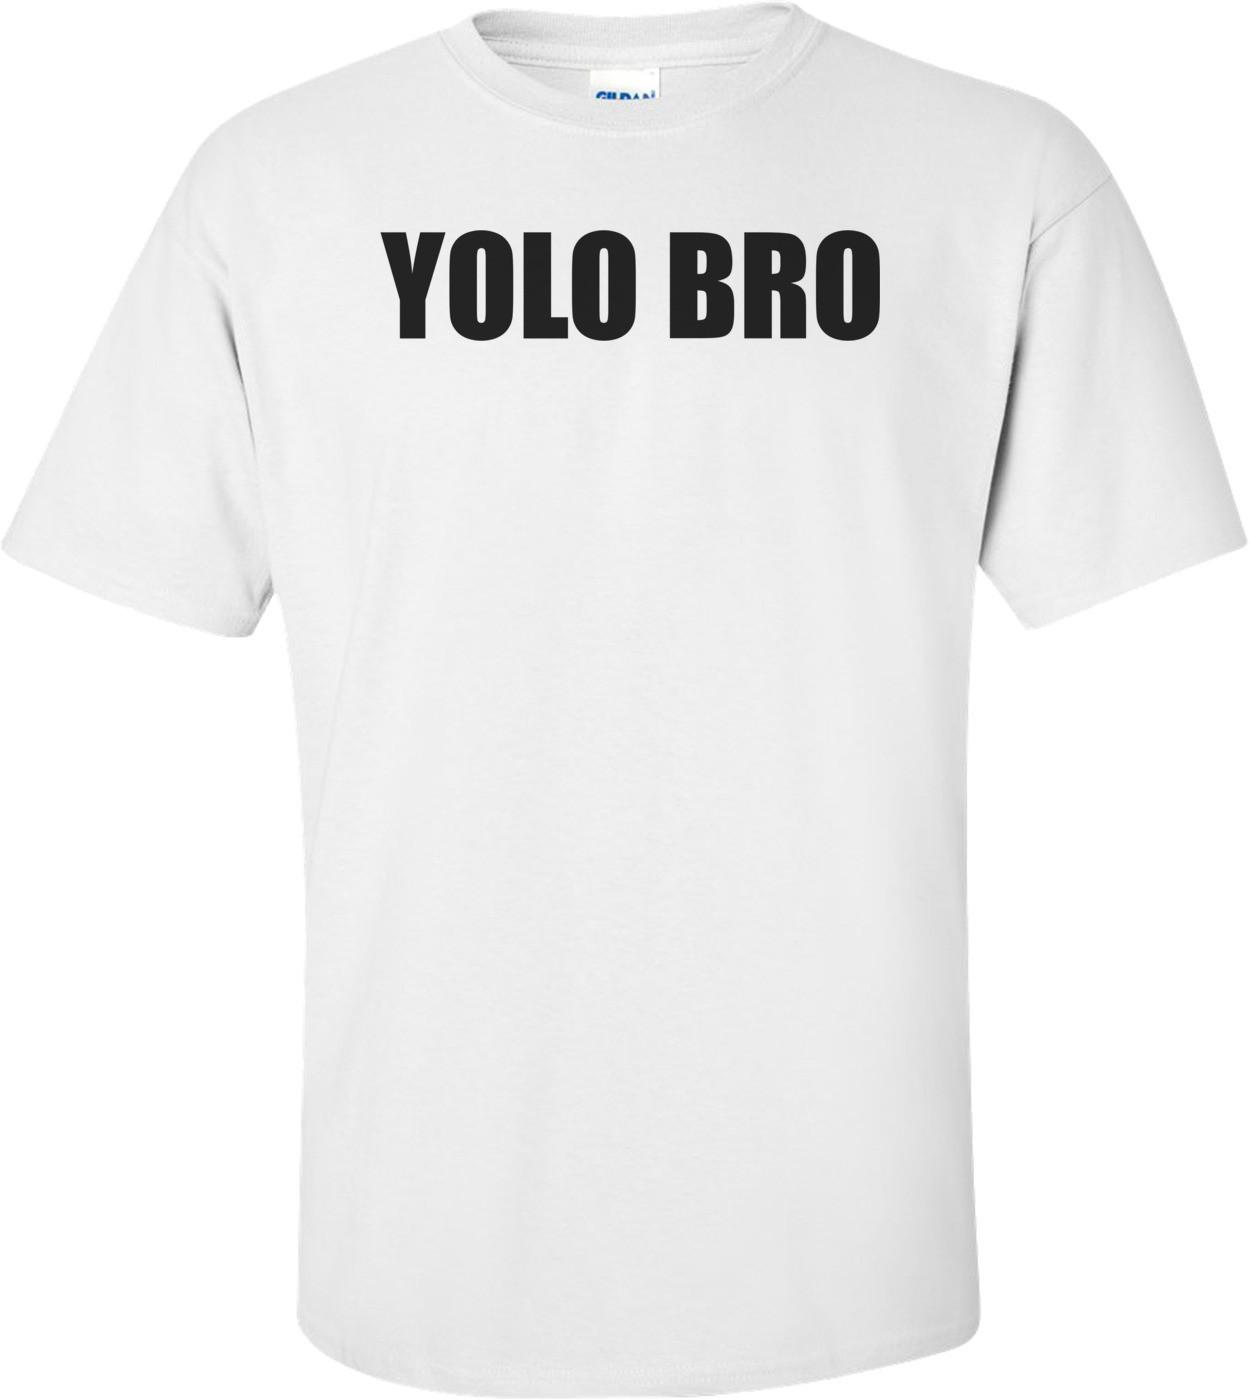 YOLO BRO Shirt